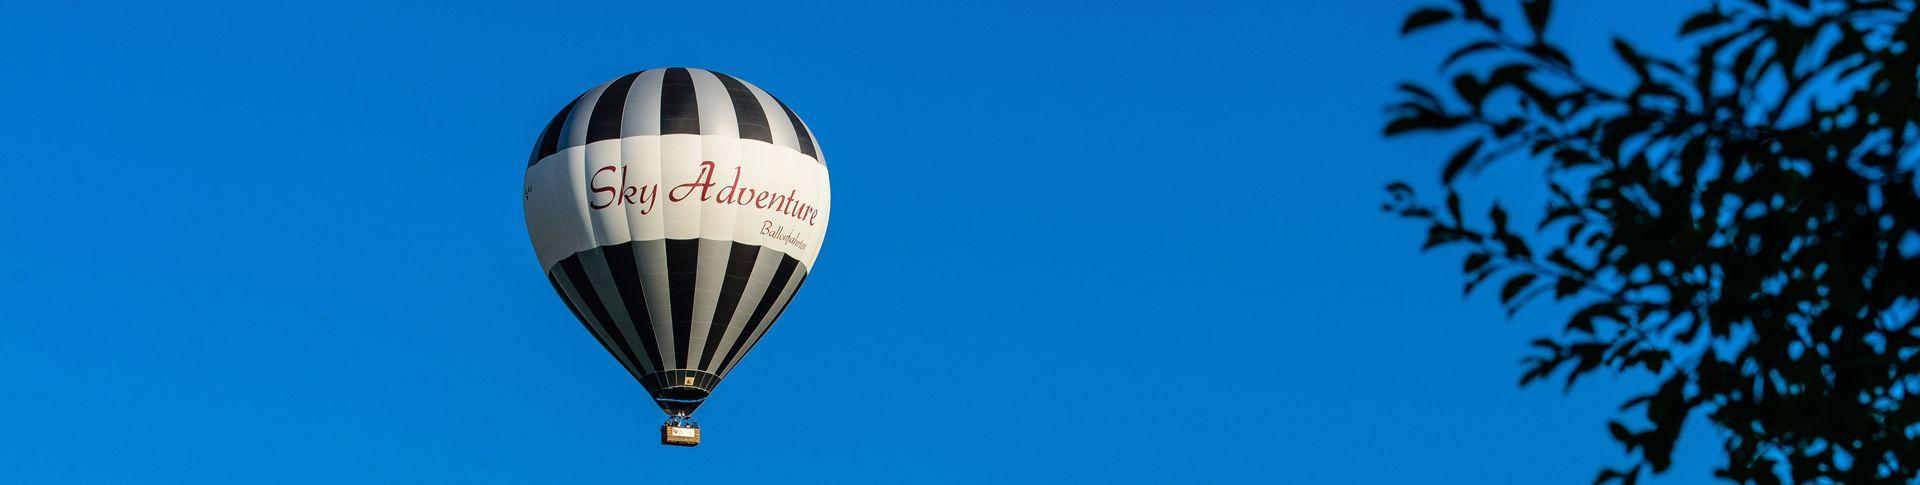 Ballonfahren in Freystadt